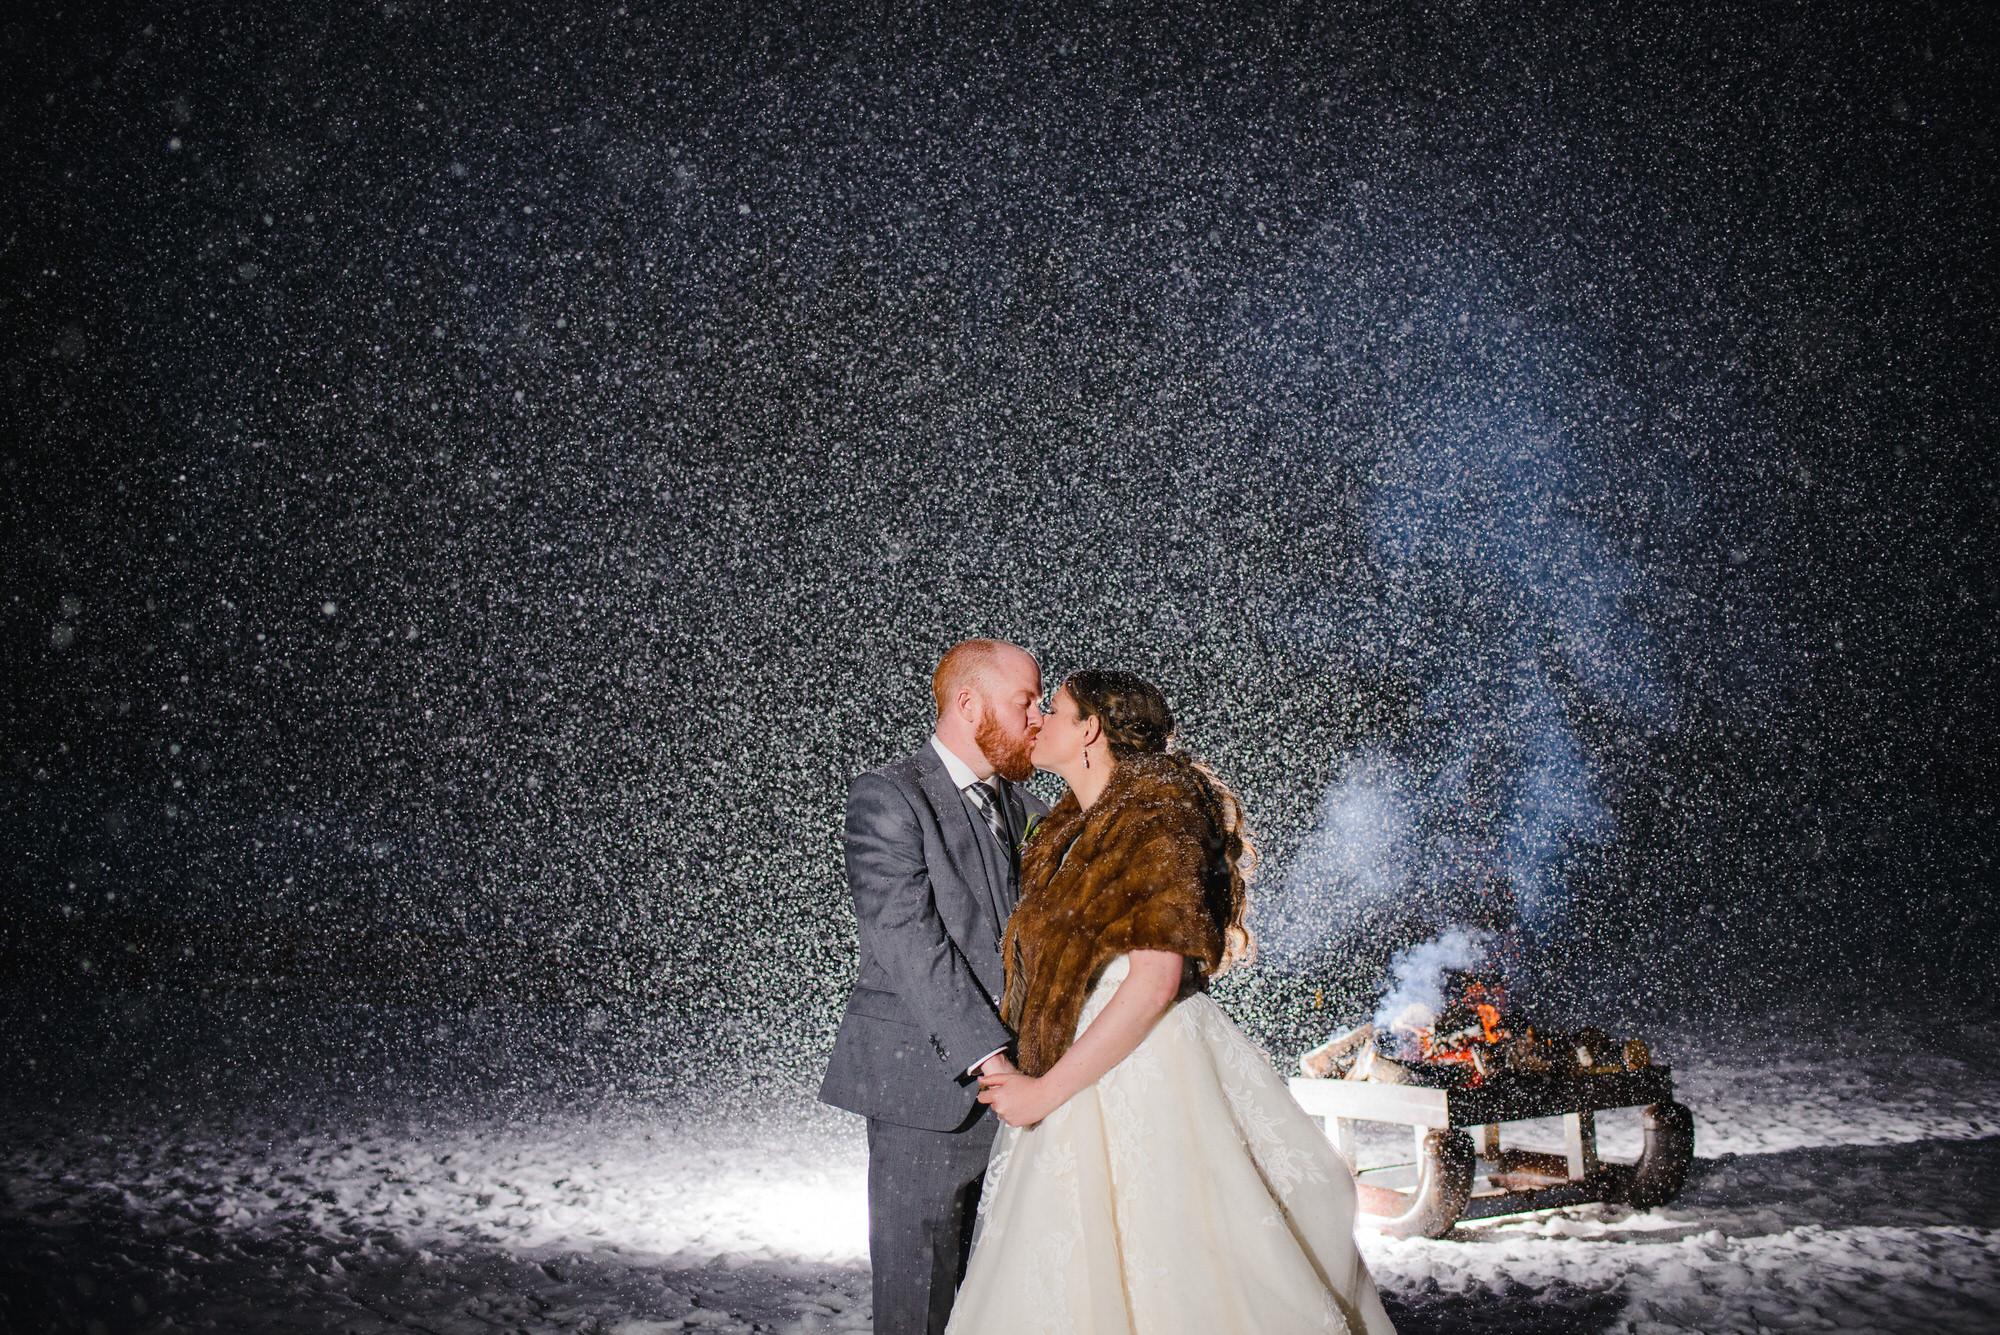 Copy of Aspen Colorado snowy Winter Wedding photo